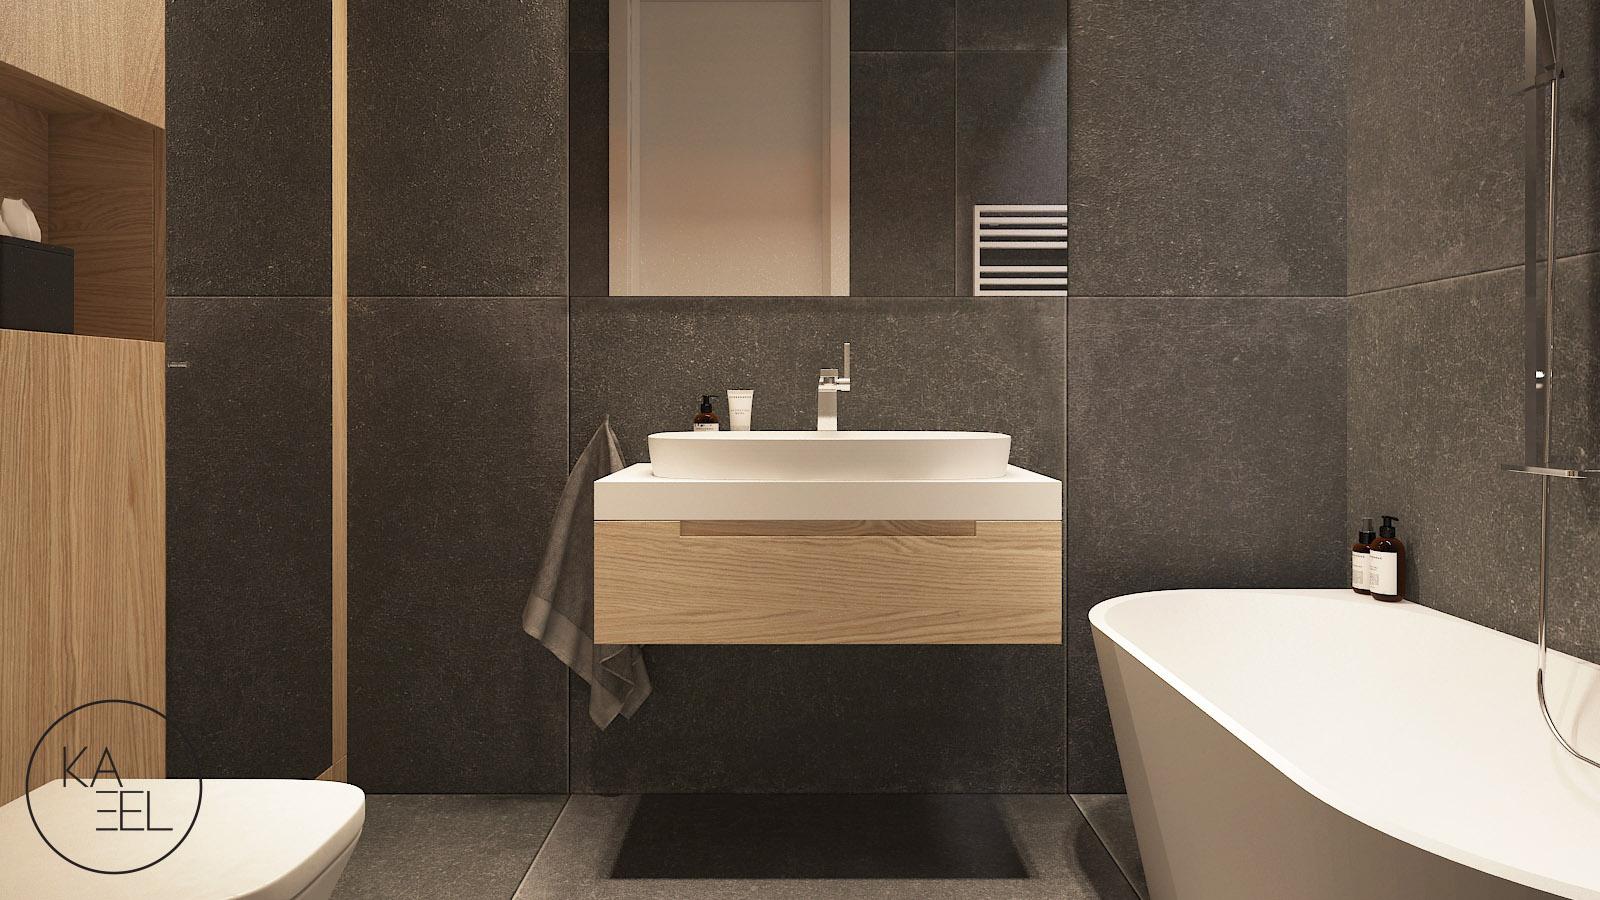 44k-projektowanie-wnetrz-warszawa-mozaikamokotow-kaeel-group